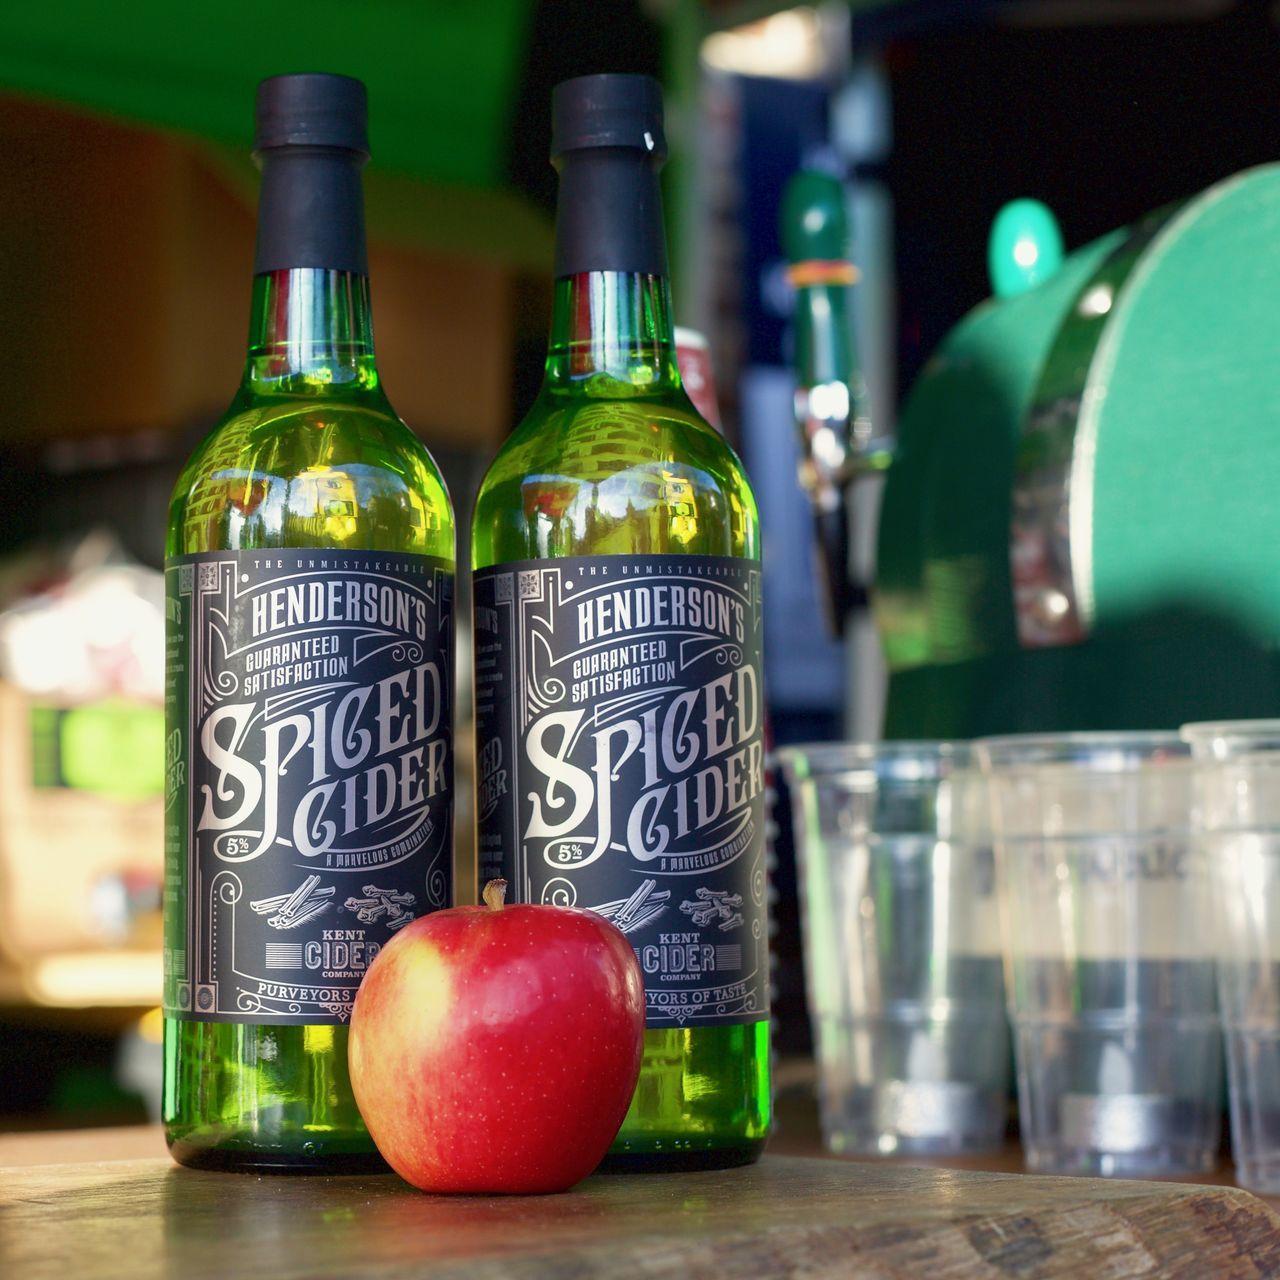 Spiced Cider Apple Bottle Celebrate Cider Cup DSLR Hendersons Kent Spiced Cider Warm Drink Winter Winter Warmer